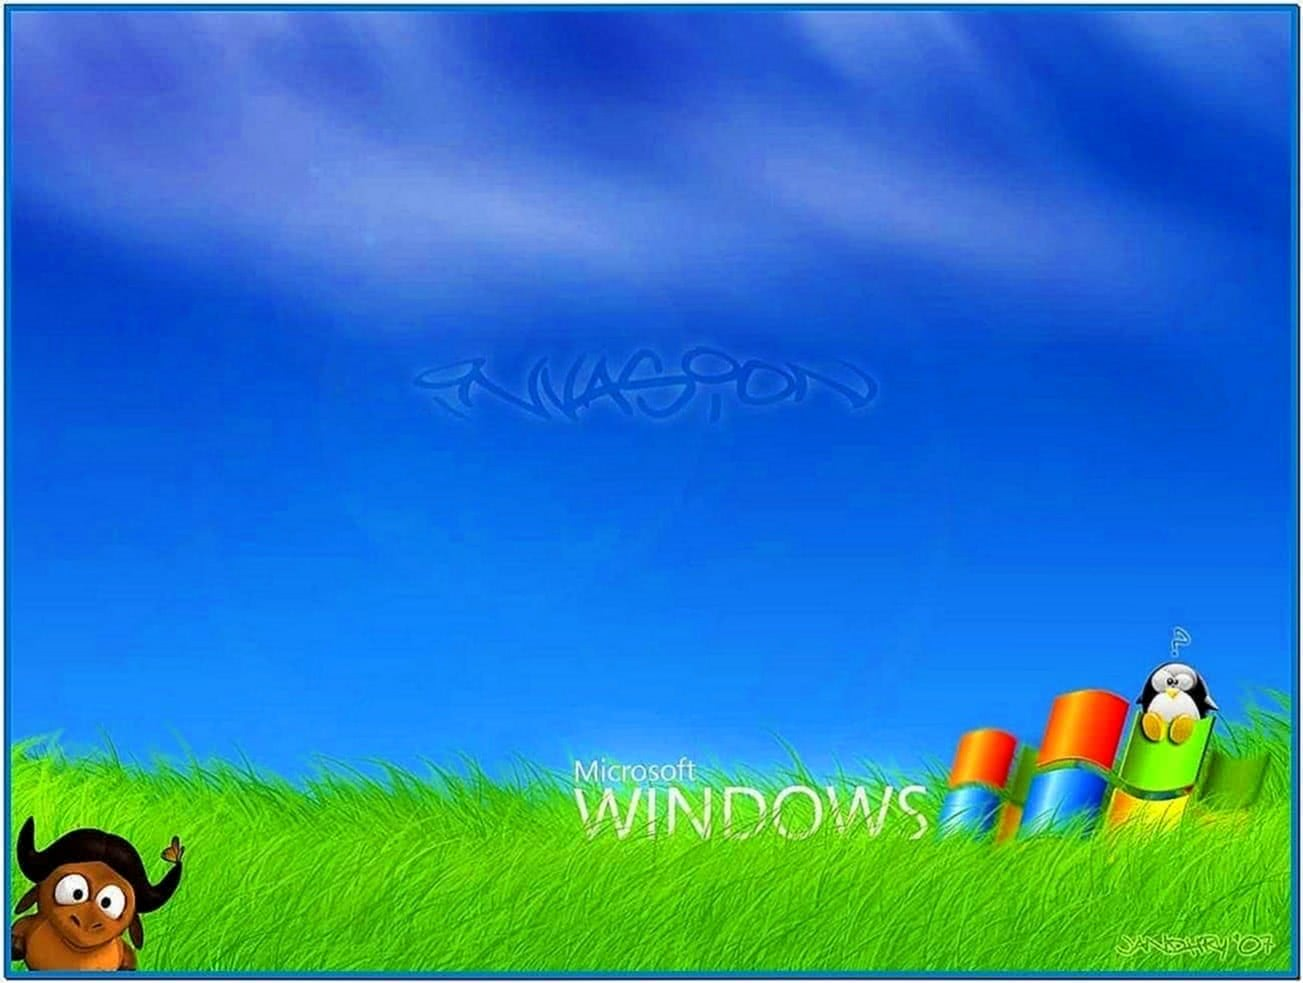 Screensavers PC Vista